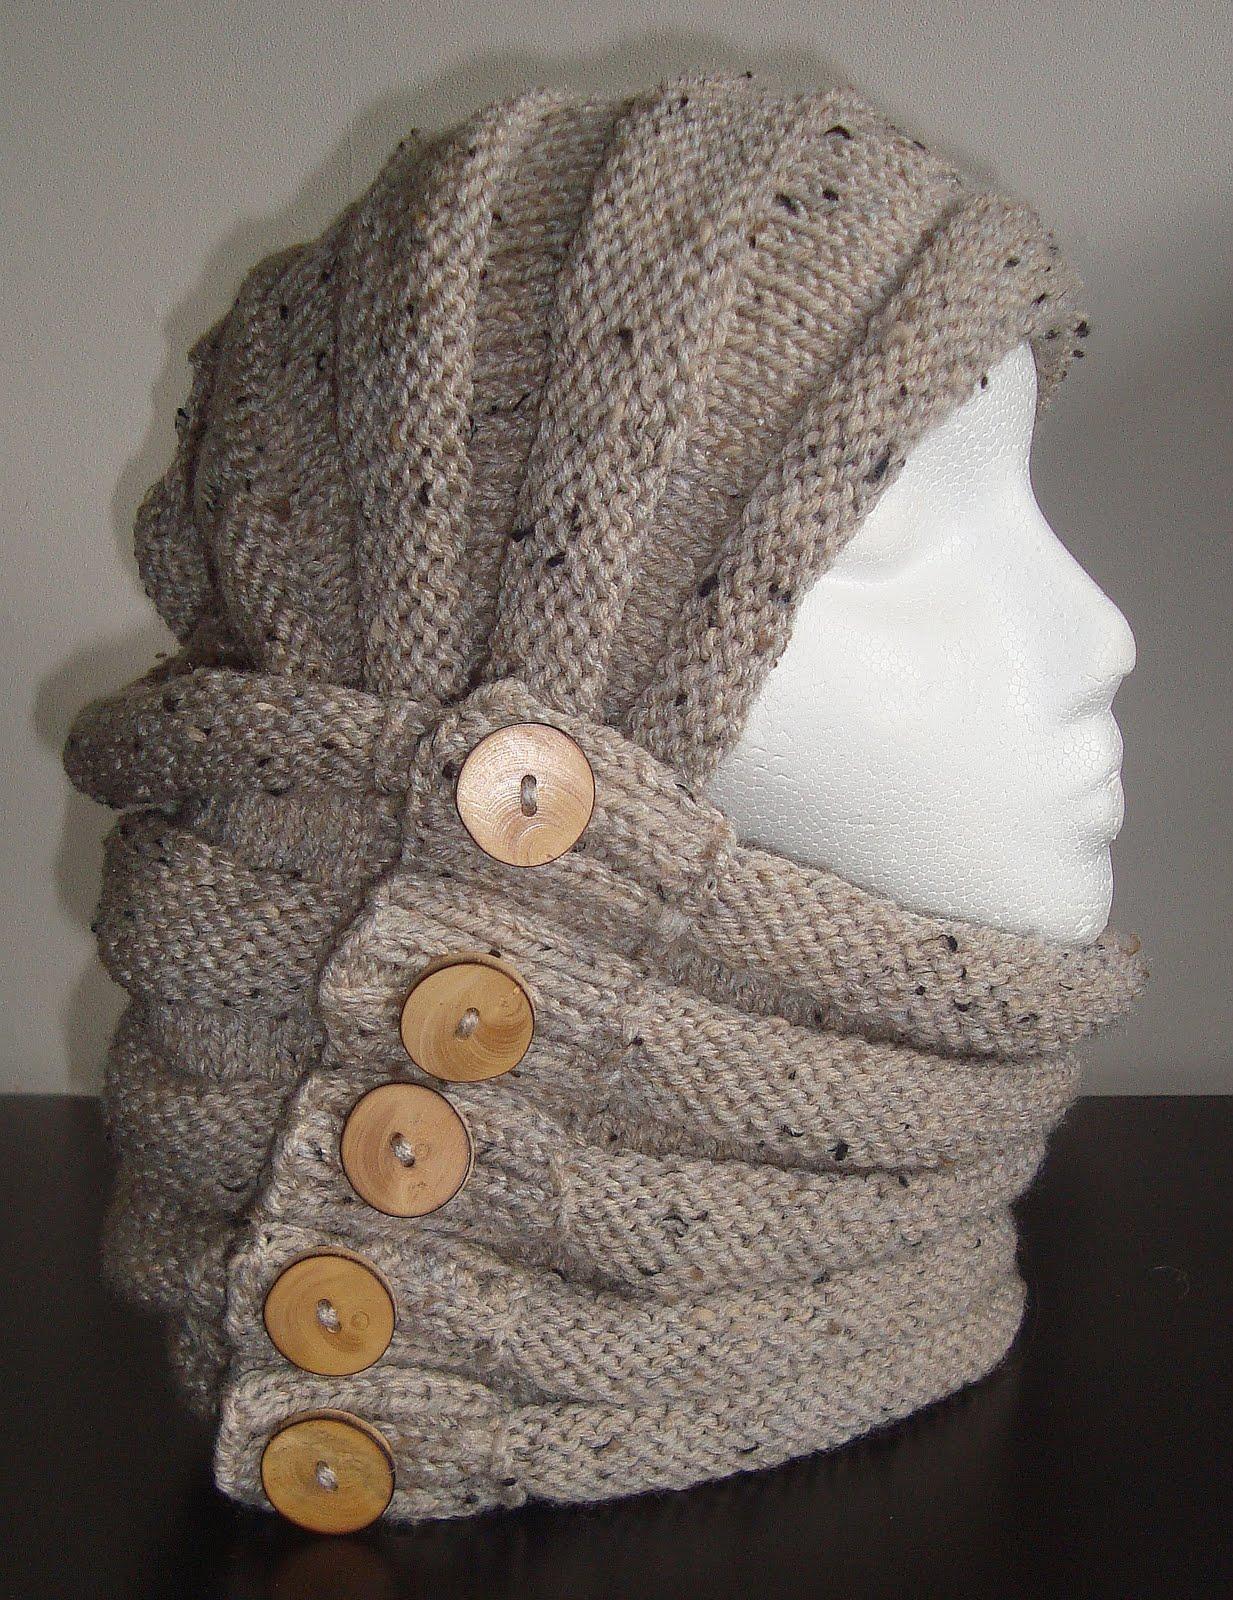 Aran Tweed. Inspirational Designer Knitting. Hand Knitting ...